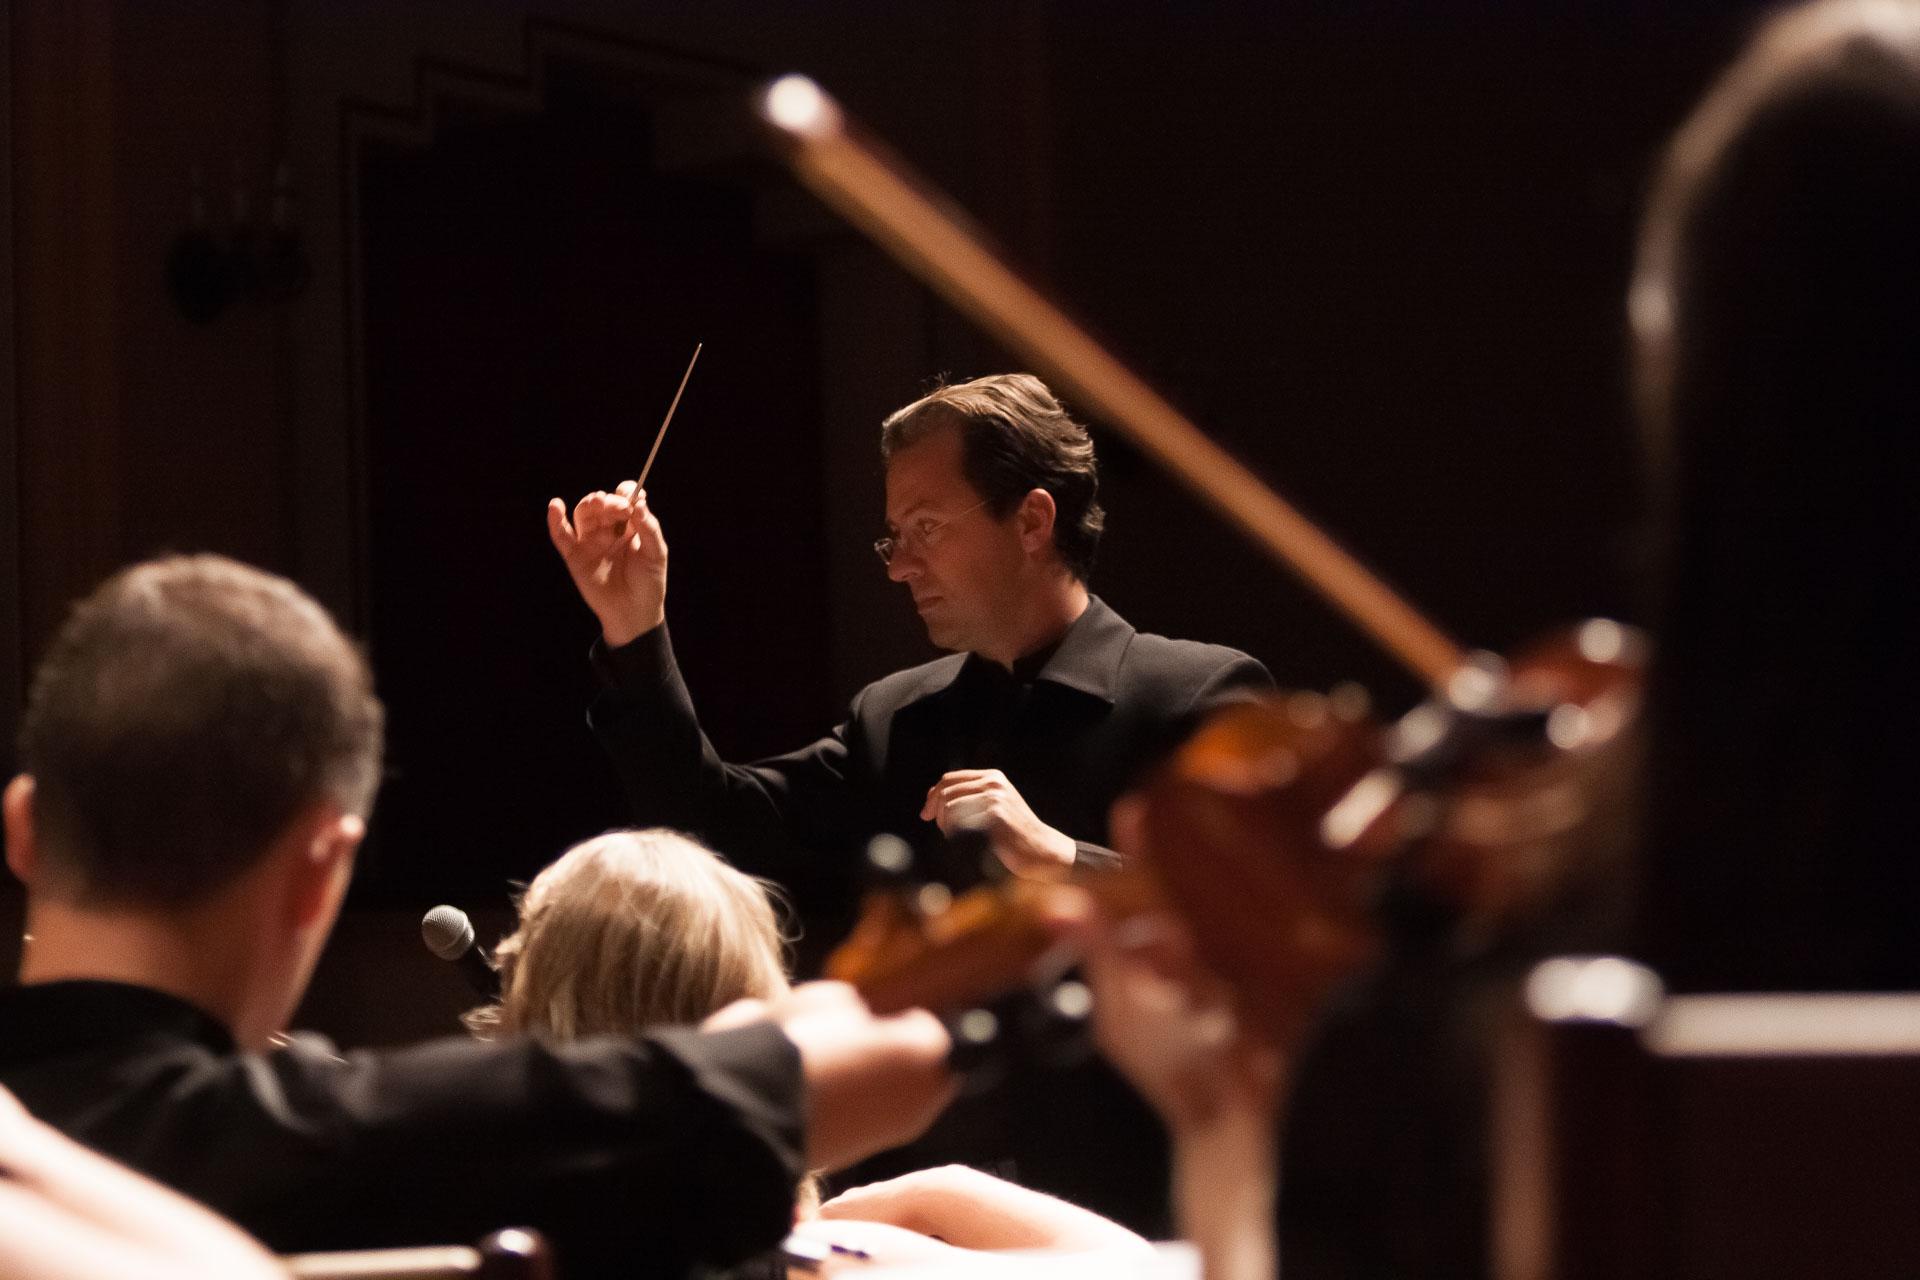 Ensaio da Orquestra da FURB no Teatro Carlos Gomes, em Blumenau